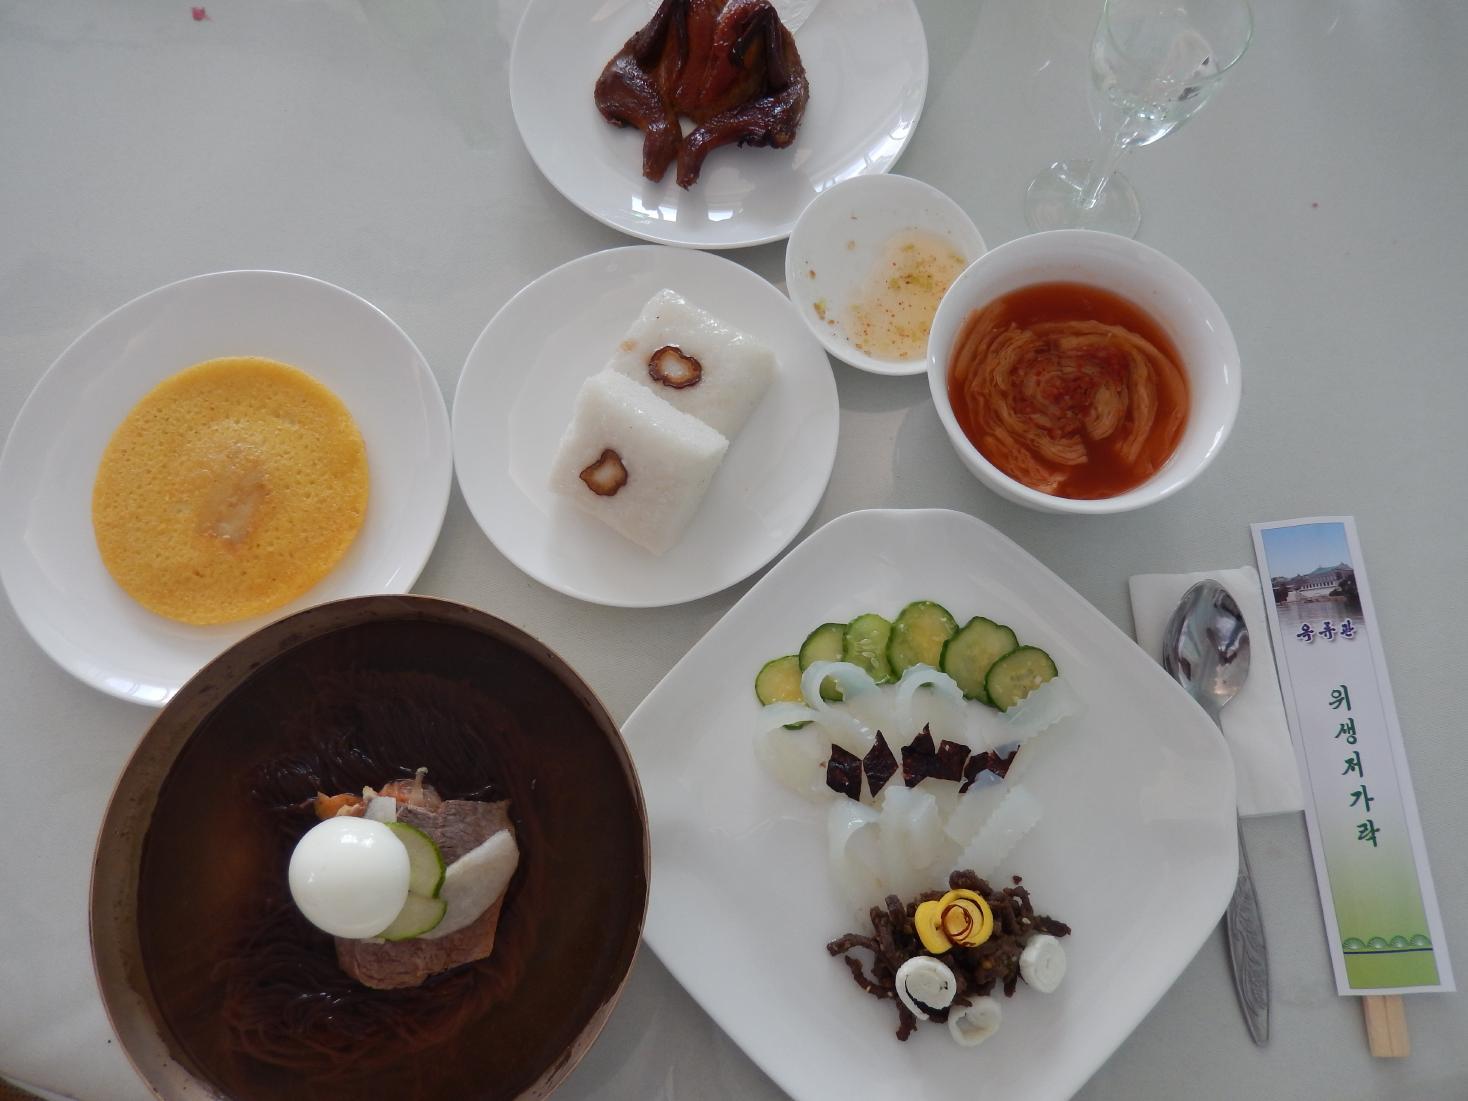 2013年版 北朝鮮のグルメ~5泊6日食事14回のすべて【前編】_b0235153_22404725.jpg